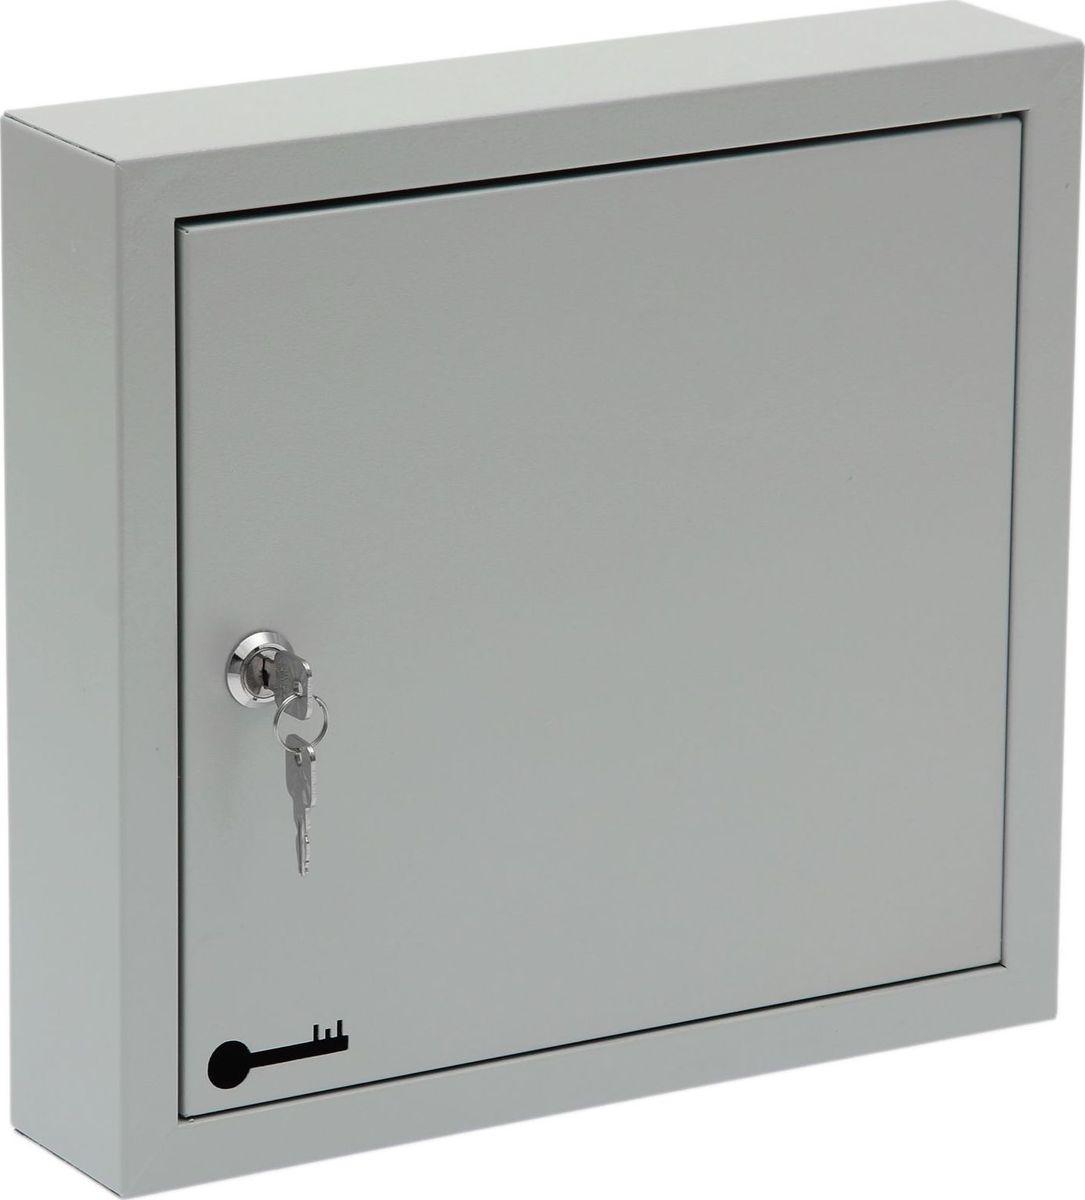 Ключница настенная ОТК, 38 крючков, 31 х 33 х 7 см1723840Ключница ОТК станет полезным и очень красивым приобретением для вашего дома.Прикрепите ее на удобное место в прихожей, и ваши ключи всегда будут под рукой. Корпус идверца выполнены из металла и закрываются на замок. Внутри имеются стальные крючки,которые, в отличие от пластмассовых, не подвержены деформации.Преимущества: - прочная стальная конструкция; - предусмотрено крепление к стене; - встроенный замок с ключом входит в комплект; - порошковое полимерное покрытие; - оптимальное соотношение цены и качества.Ключница содержит: 38 крючков (без бирок).